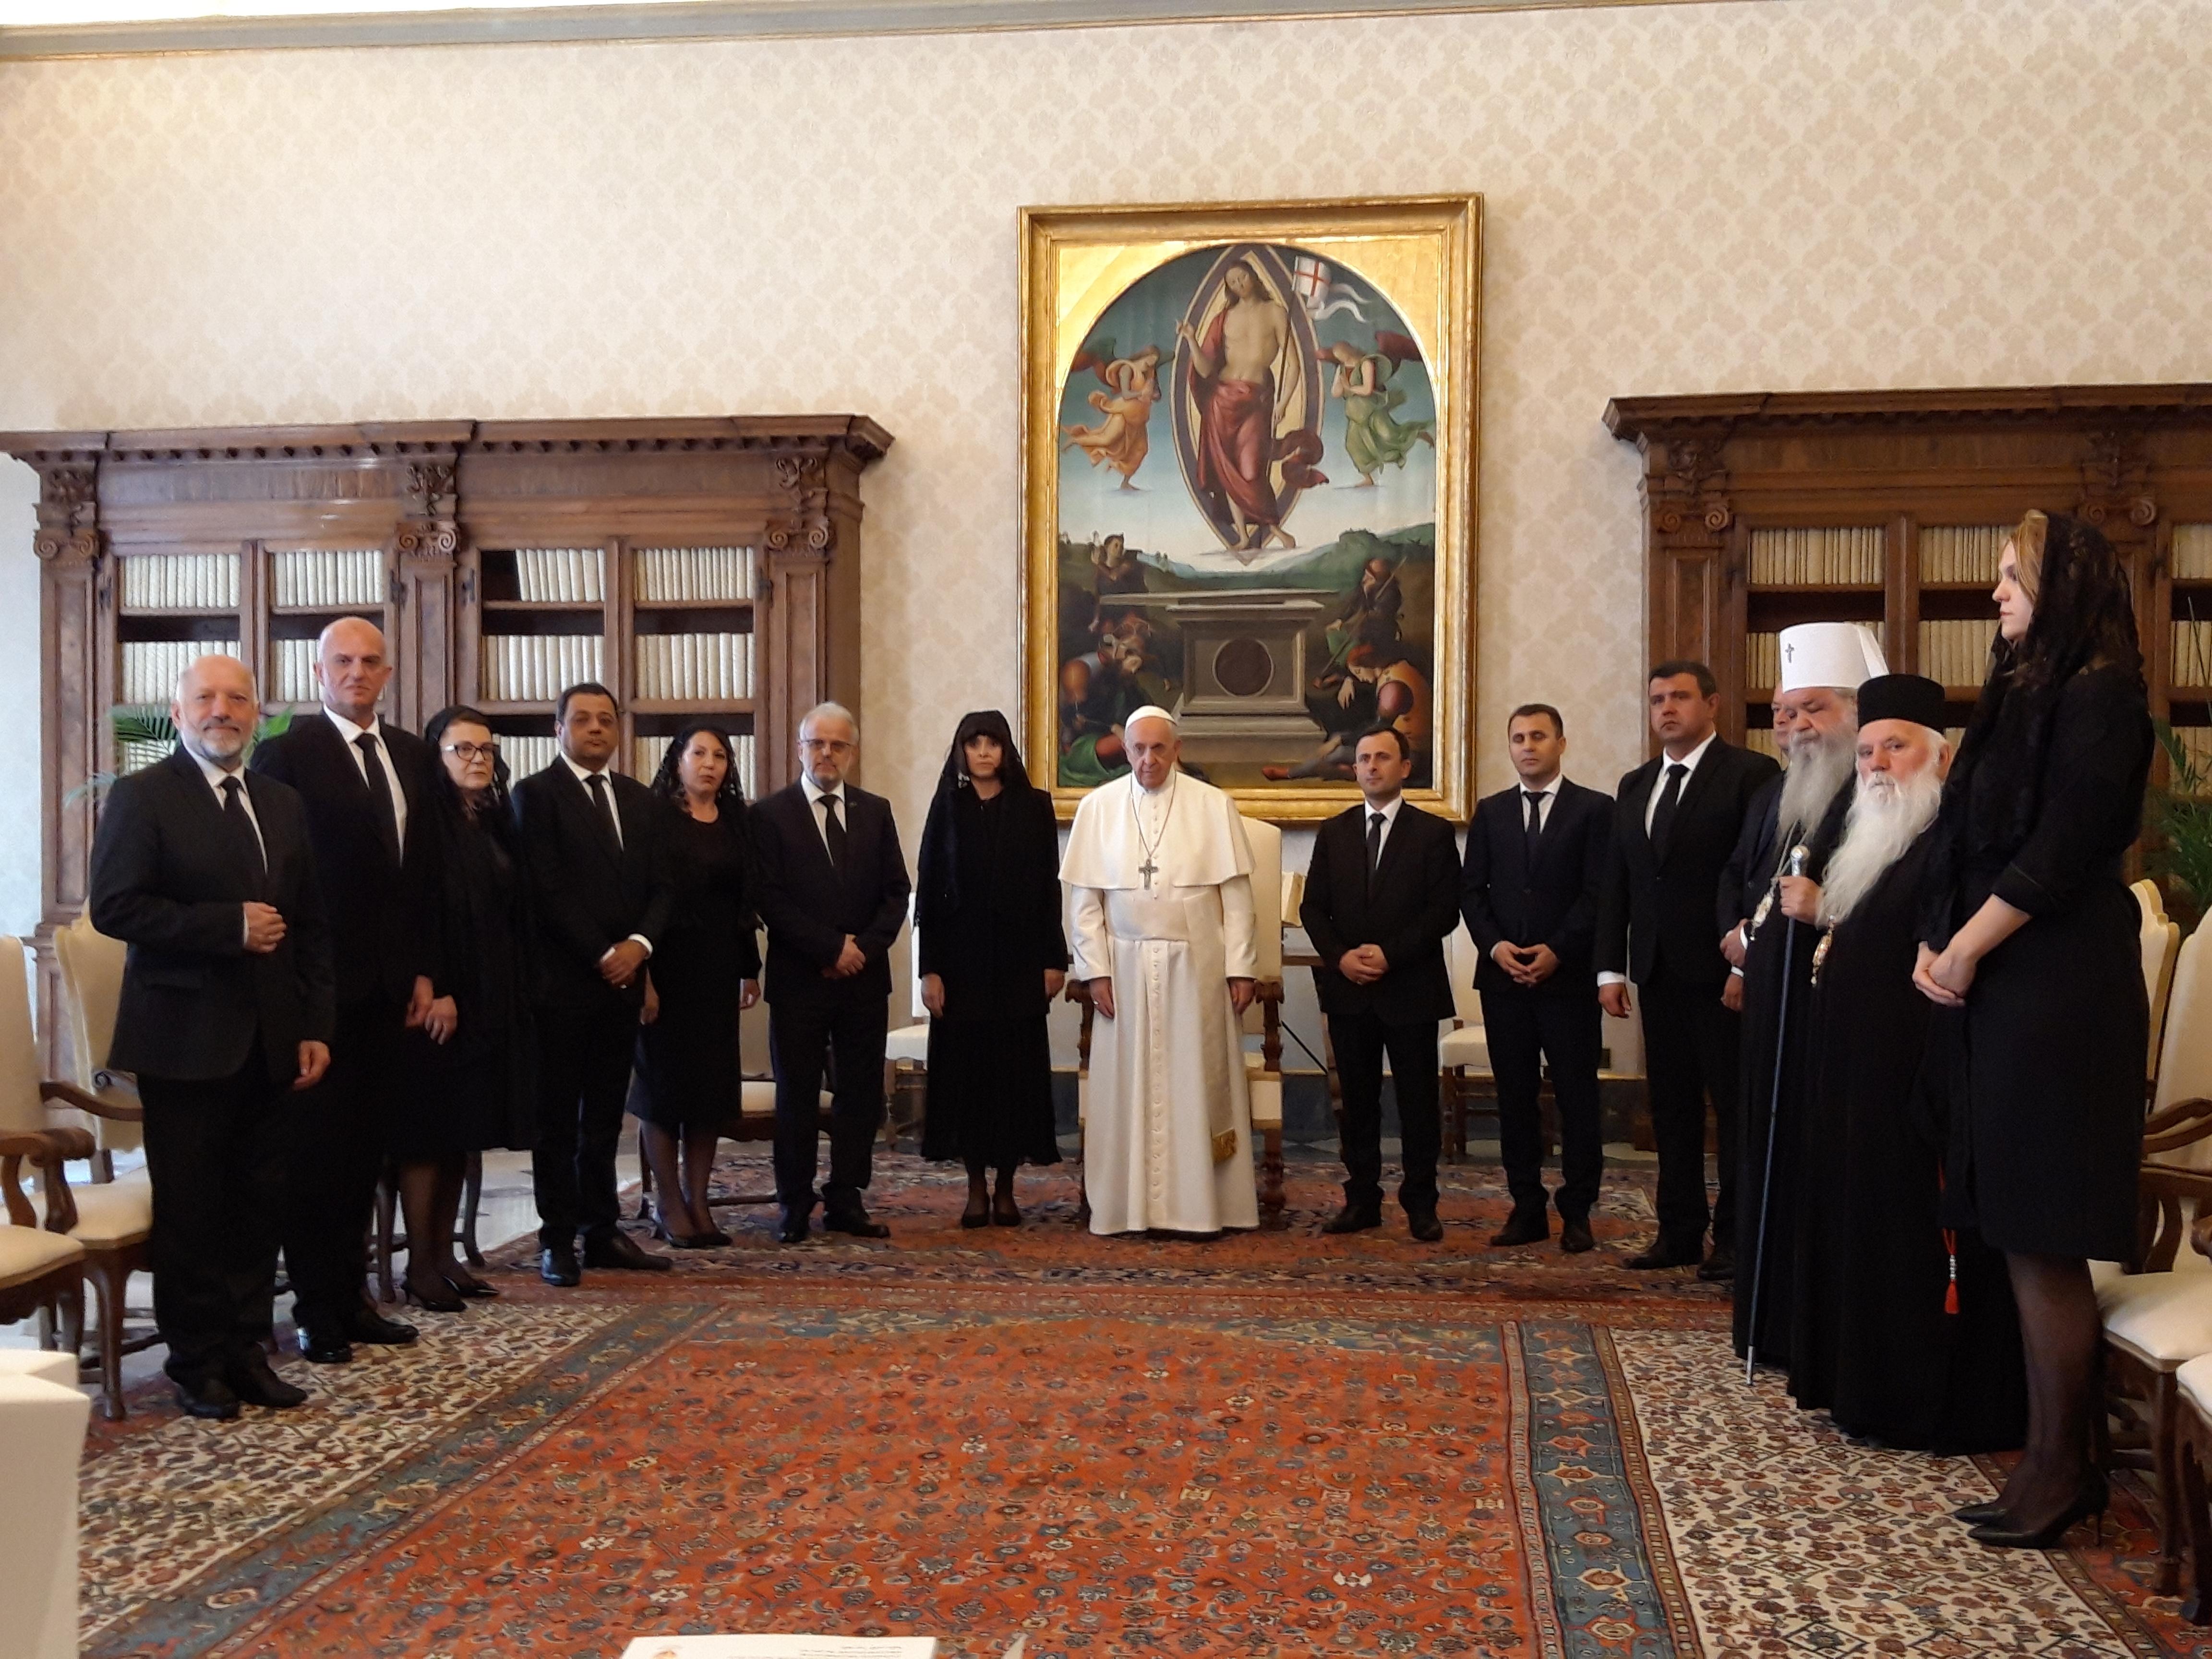 La delegación macedonia agradece al Papa su visita, 24 mayo 2019 ©Zenit/Rosa Die